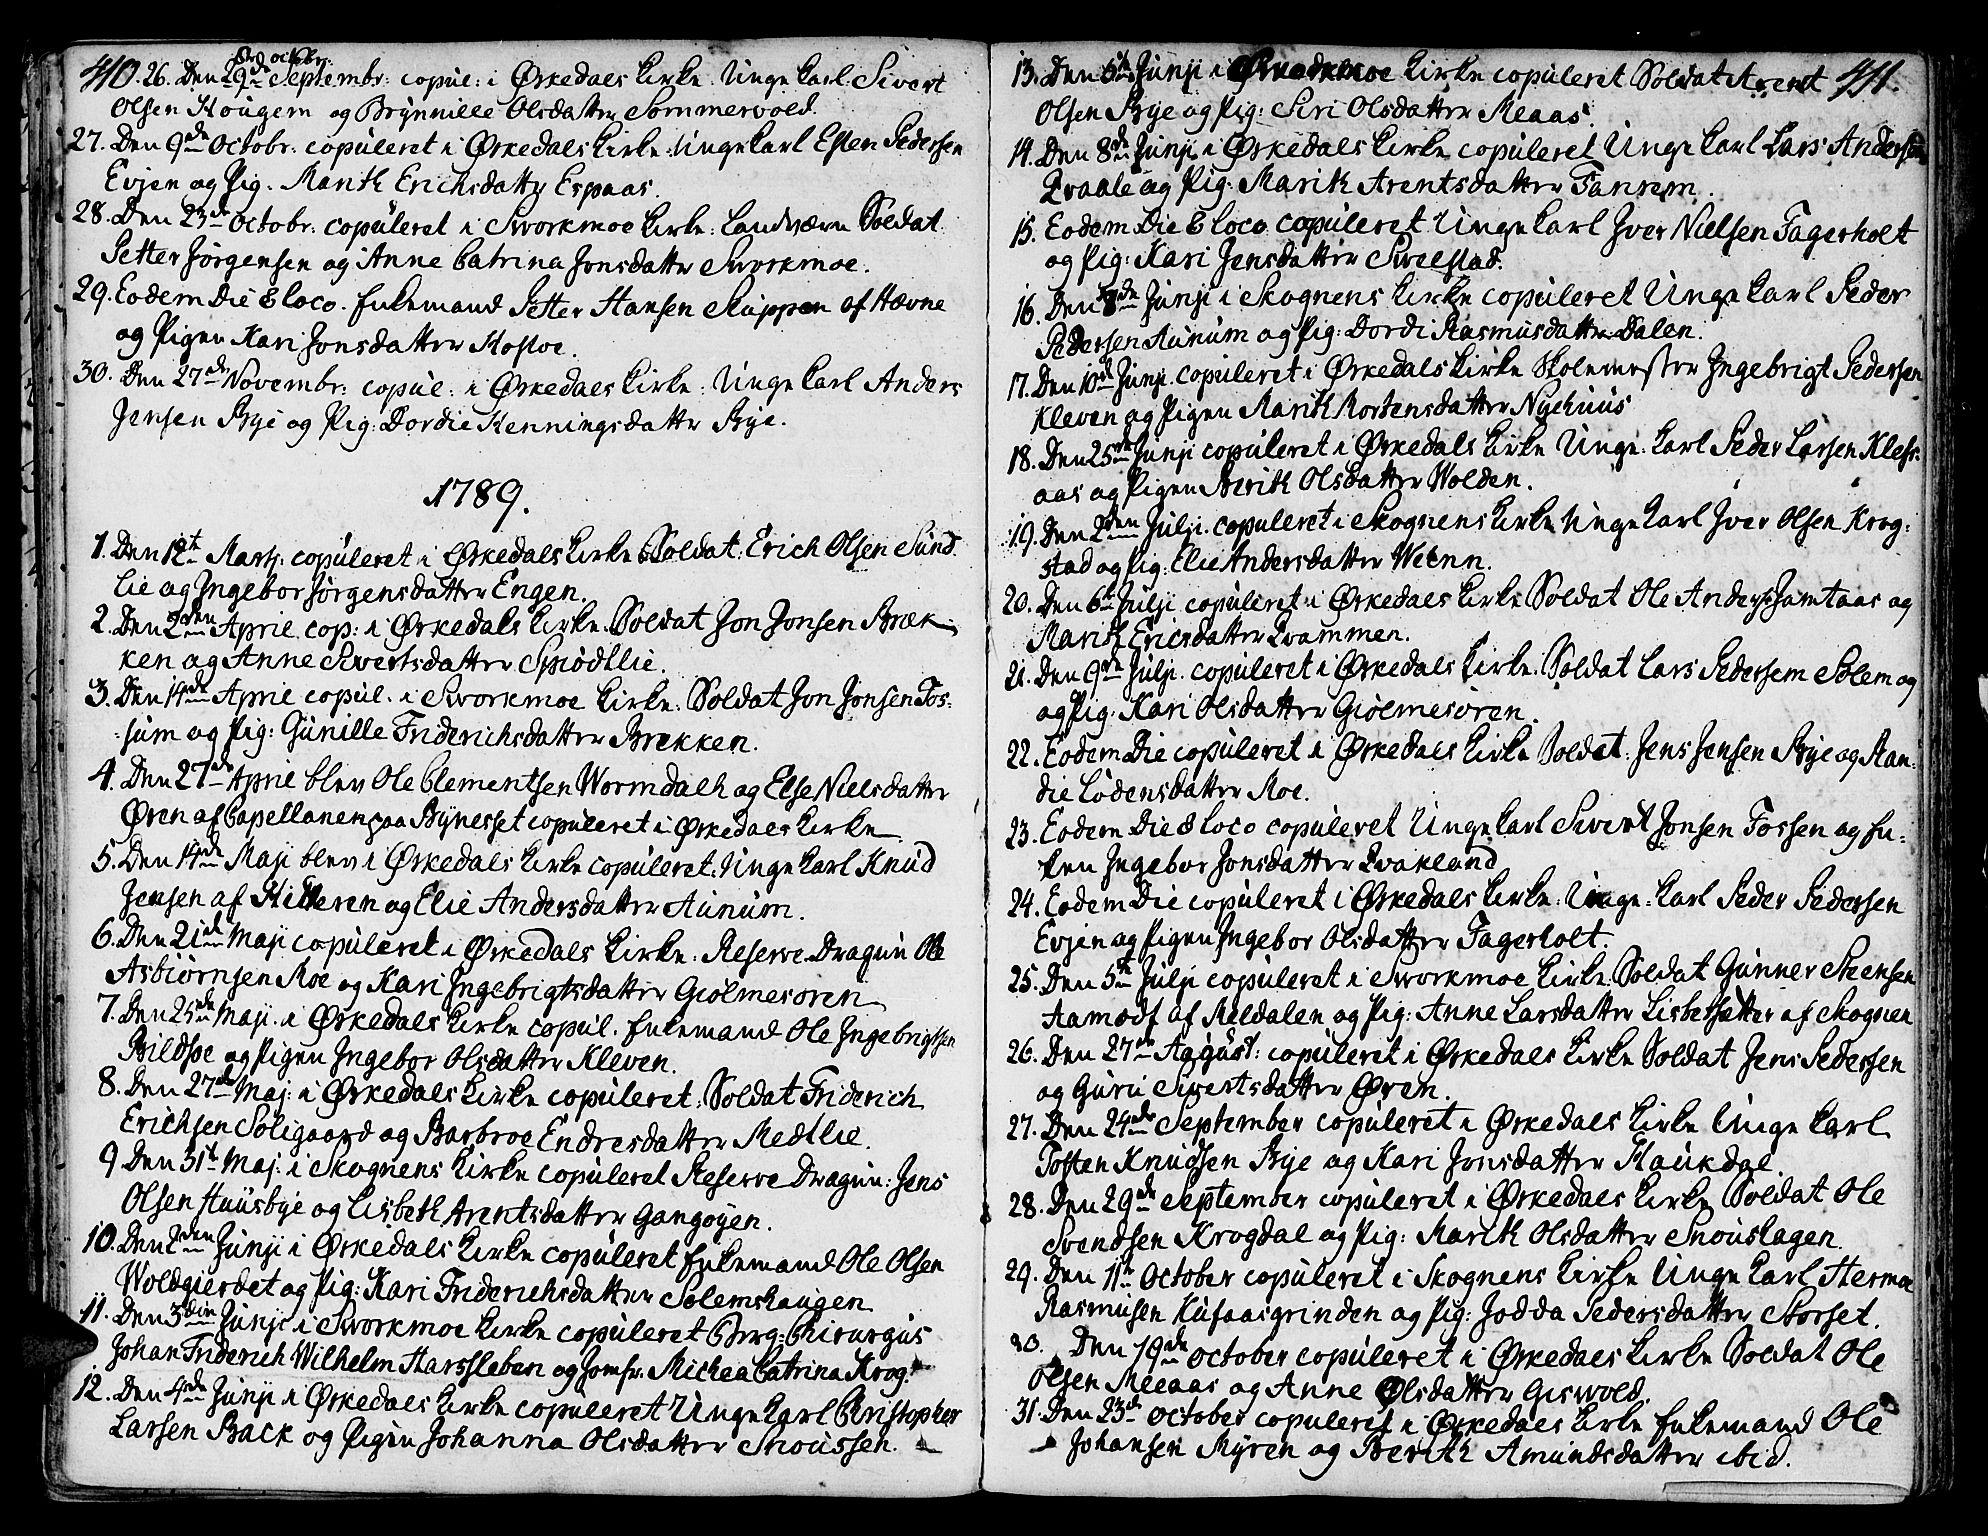 SAT, Ministerialprotokoller, klokkerbøker og fødselsregistre - Sør-Trøndelag, 668/L0802: Ministerialbok nr. 668A02, 1776-1799, s. 410-411